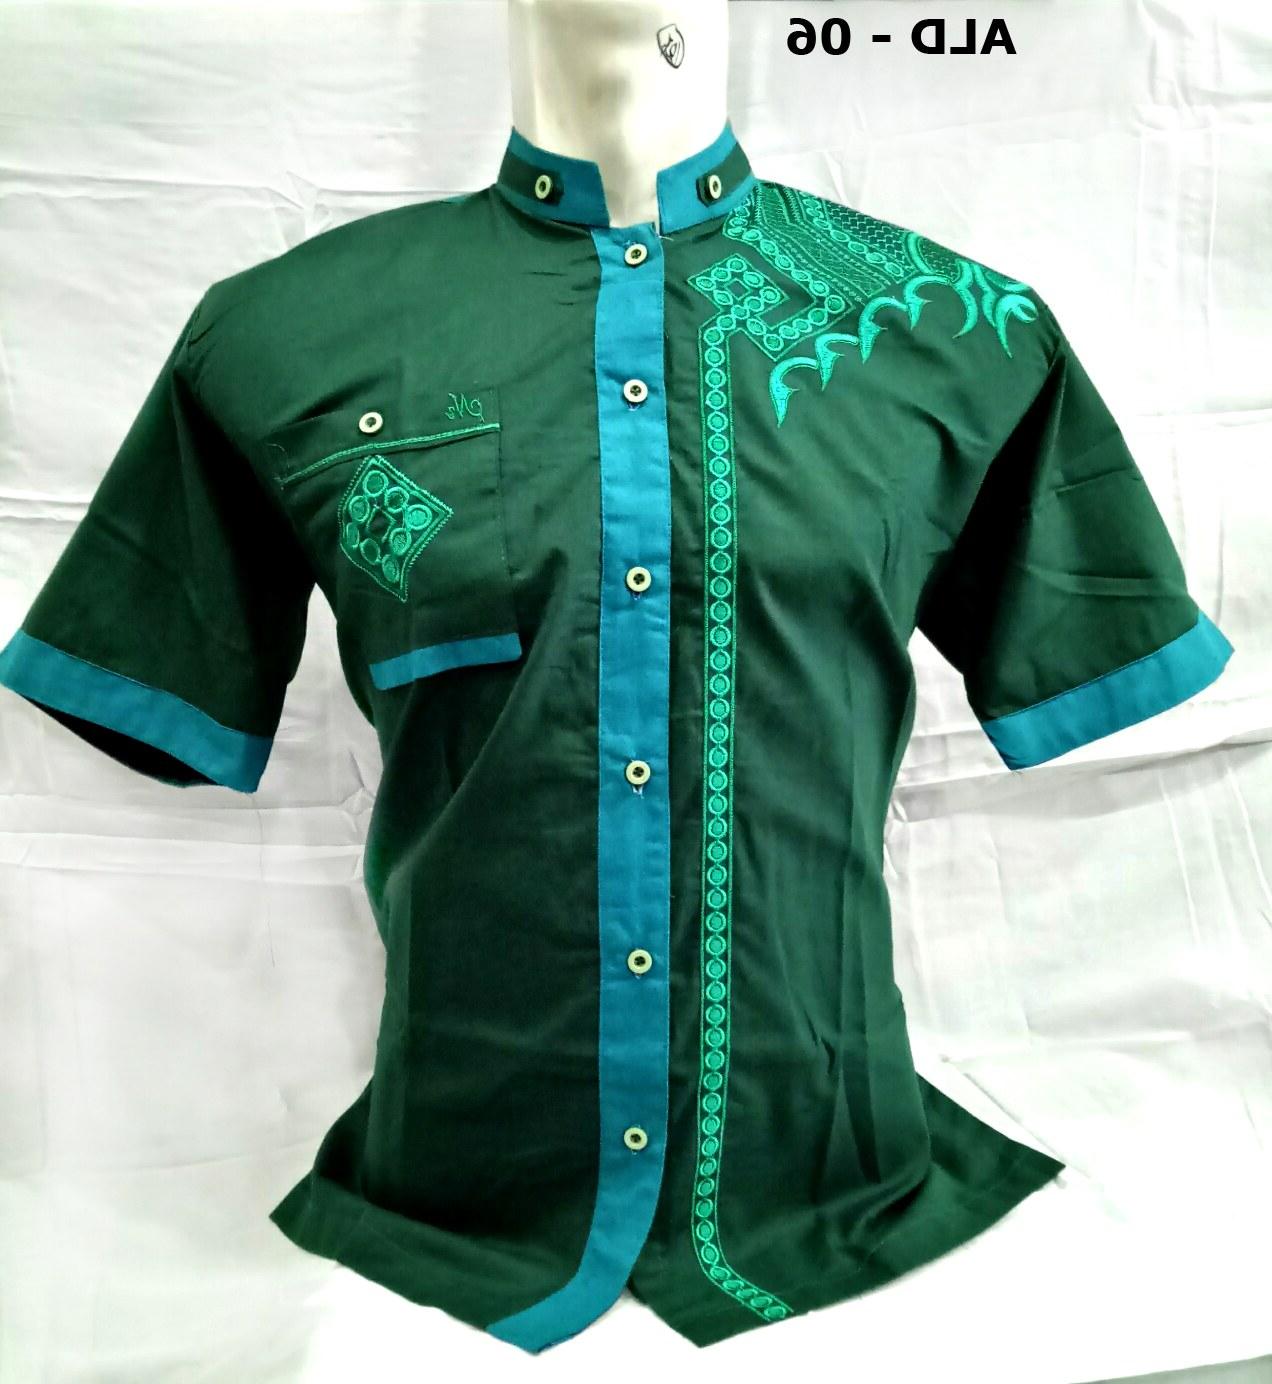 Design Baju Lebaran Pria 2018 Whdr Model Baju Koko Lebaran 2018 Terbaru Dan Harganya Murah